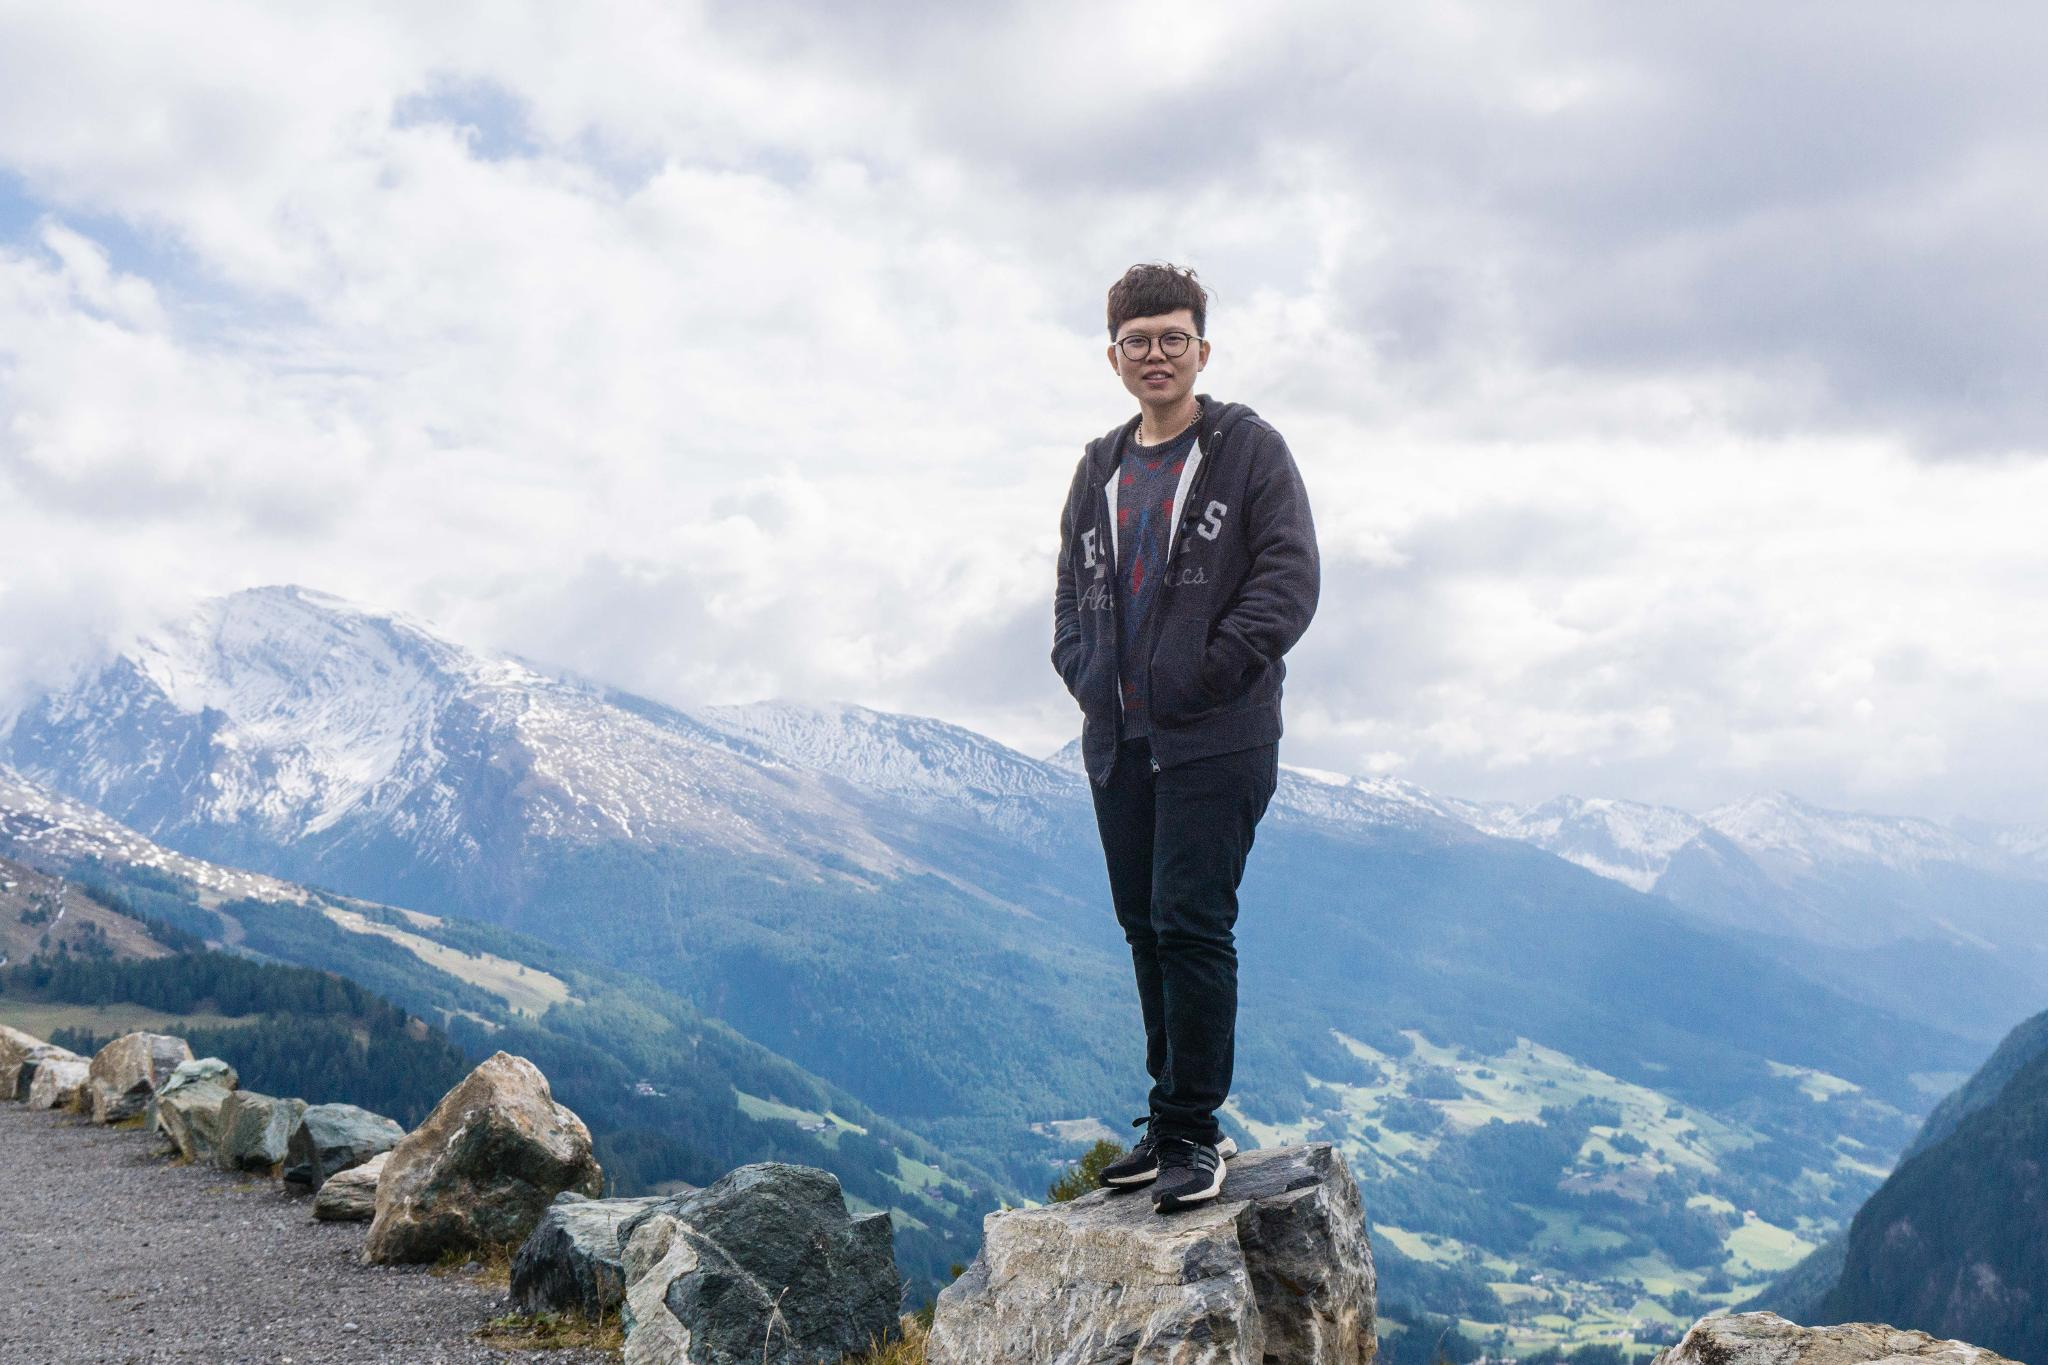 【奧地利】穿越阿爾卑斯之巔 — 奧地利大鐘山冰河公路 (Grossglockner High Alpine Road) 14